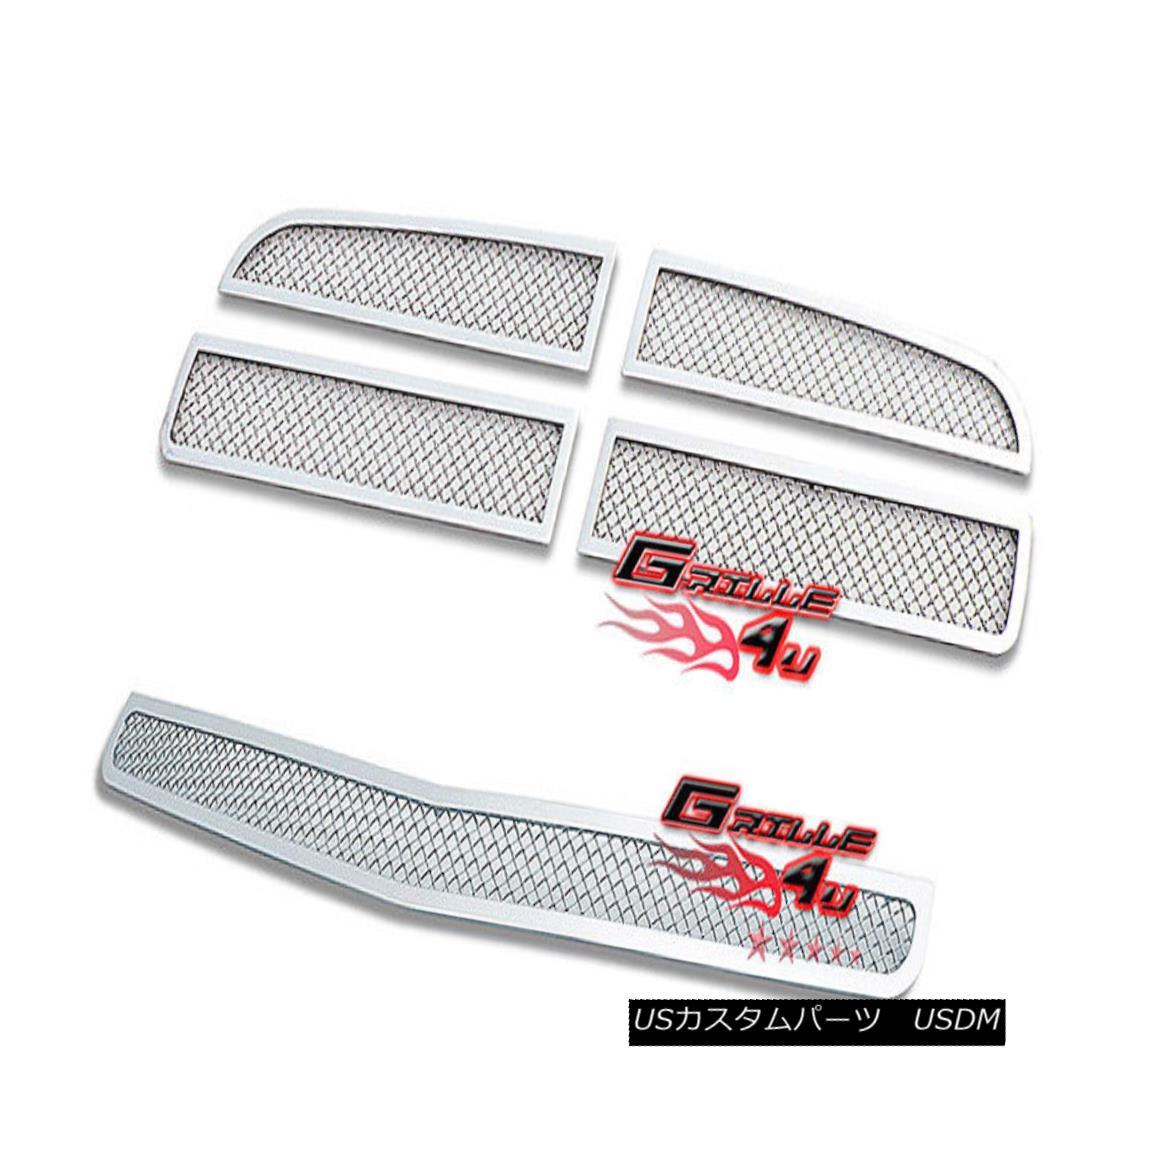 グリル For 05-10 Dodge Charger Stainless Mesh Premium Grille Combo Insert 05-10ダッジチャージャー用ステンレスメッシュプレミアムグリルコンボインサート